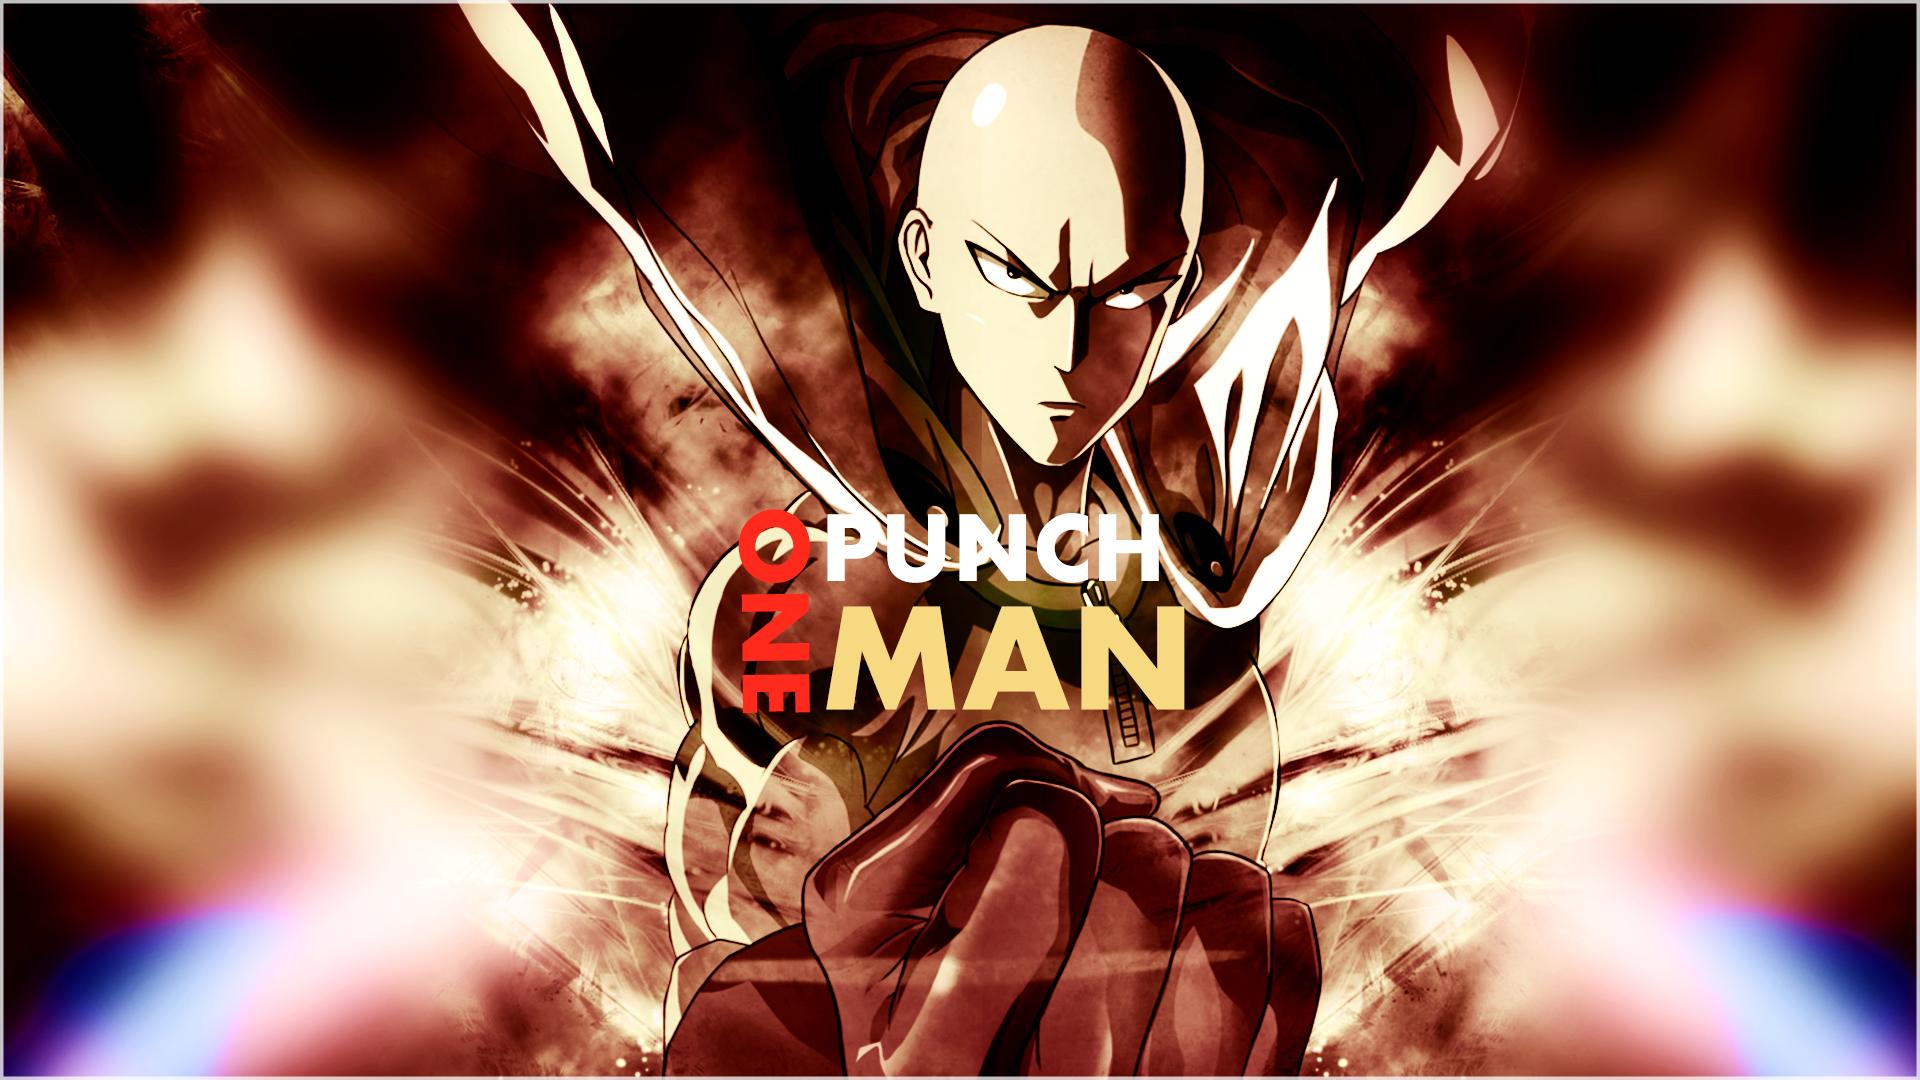 One Punch Man Fan Fiction Wikia Fandom powered by Wikia